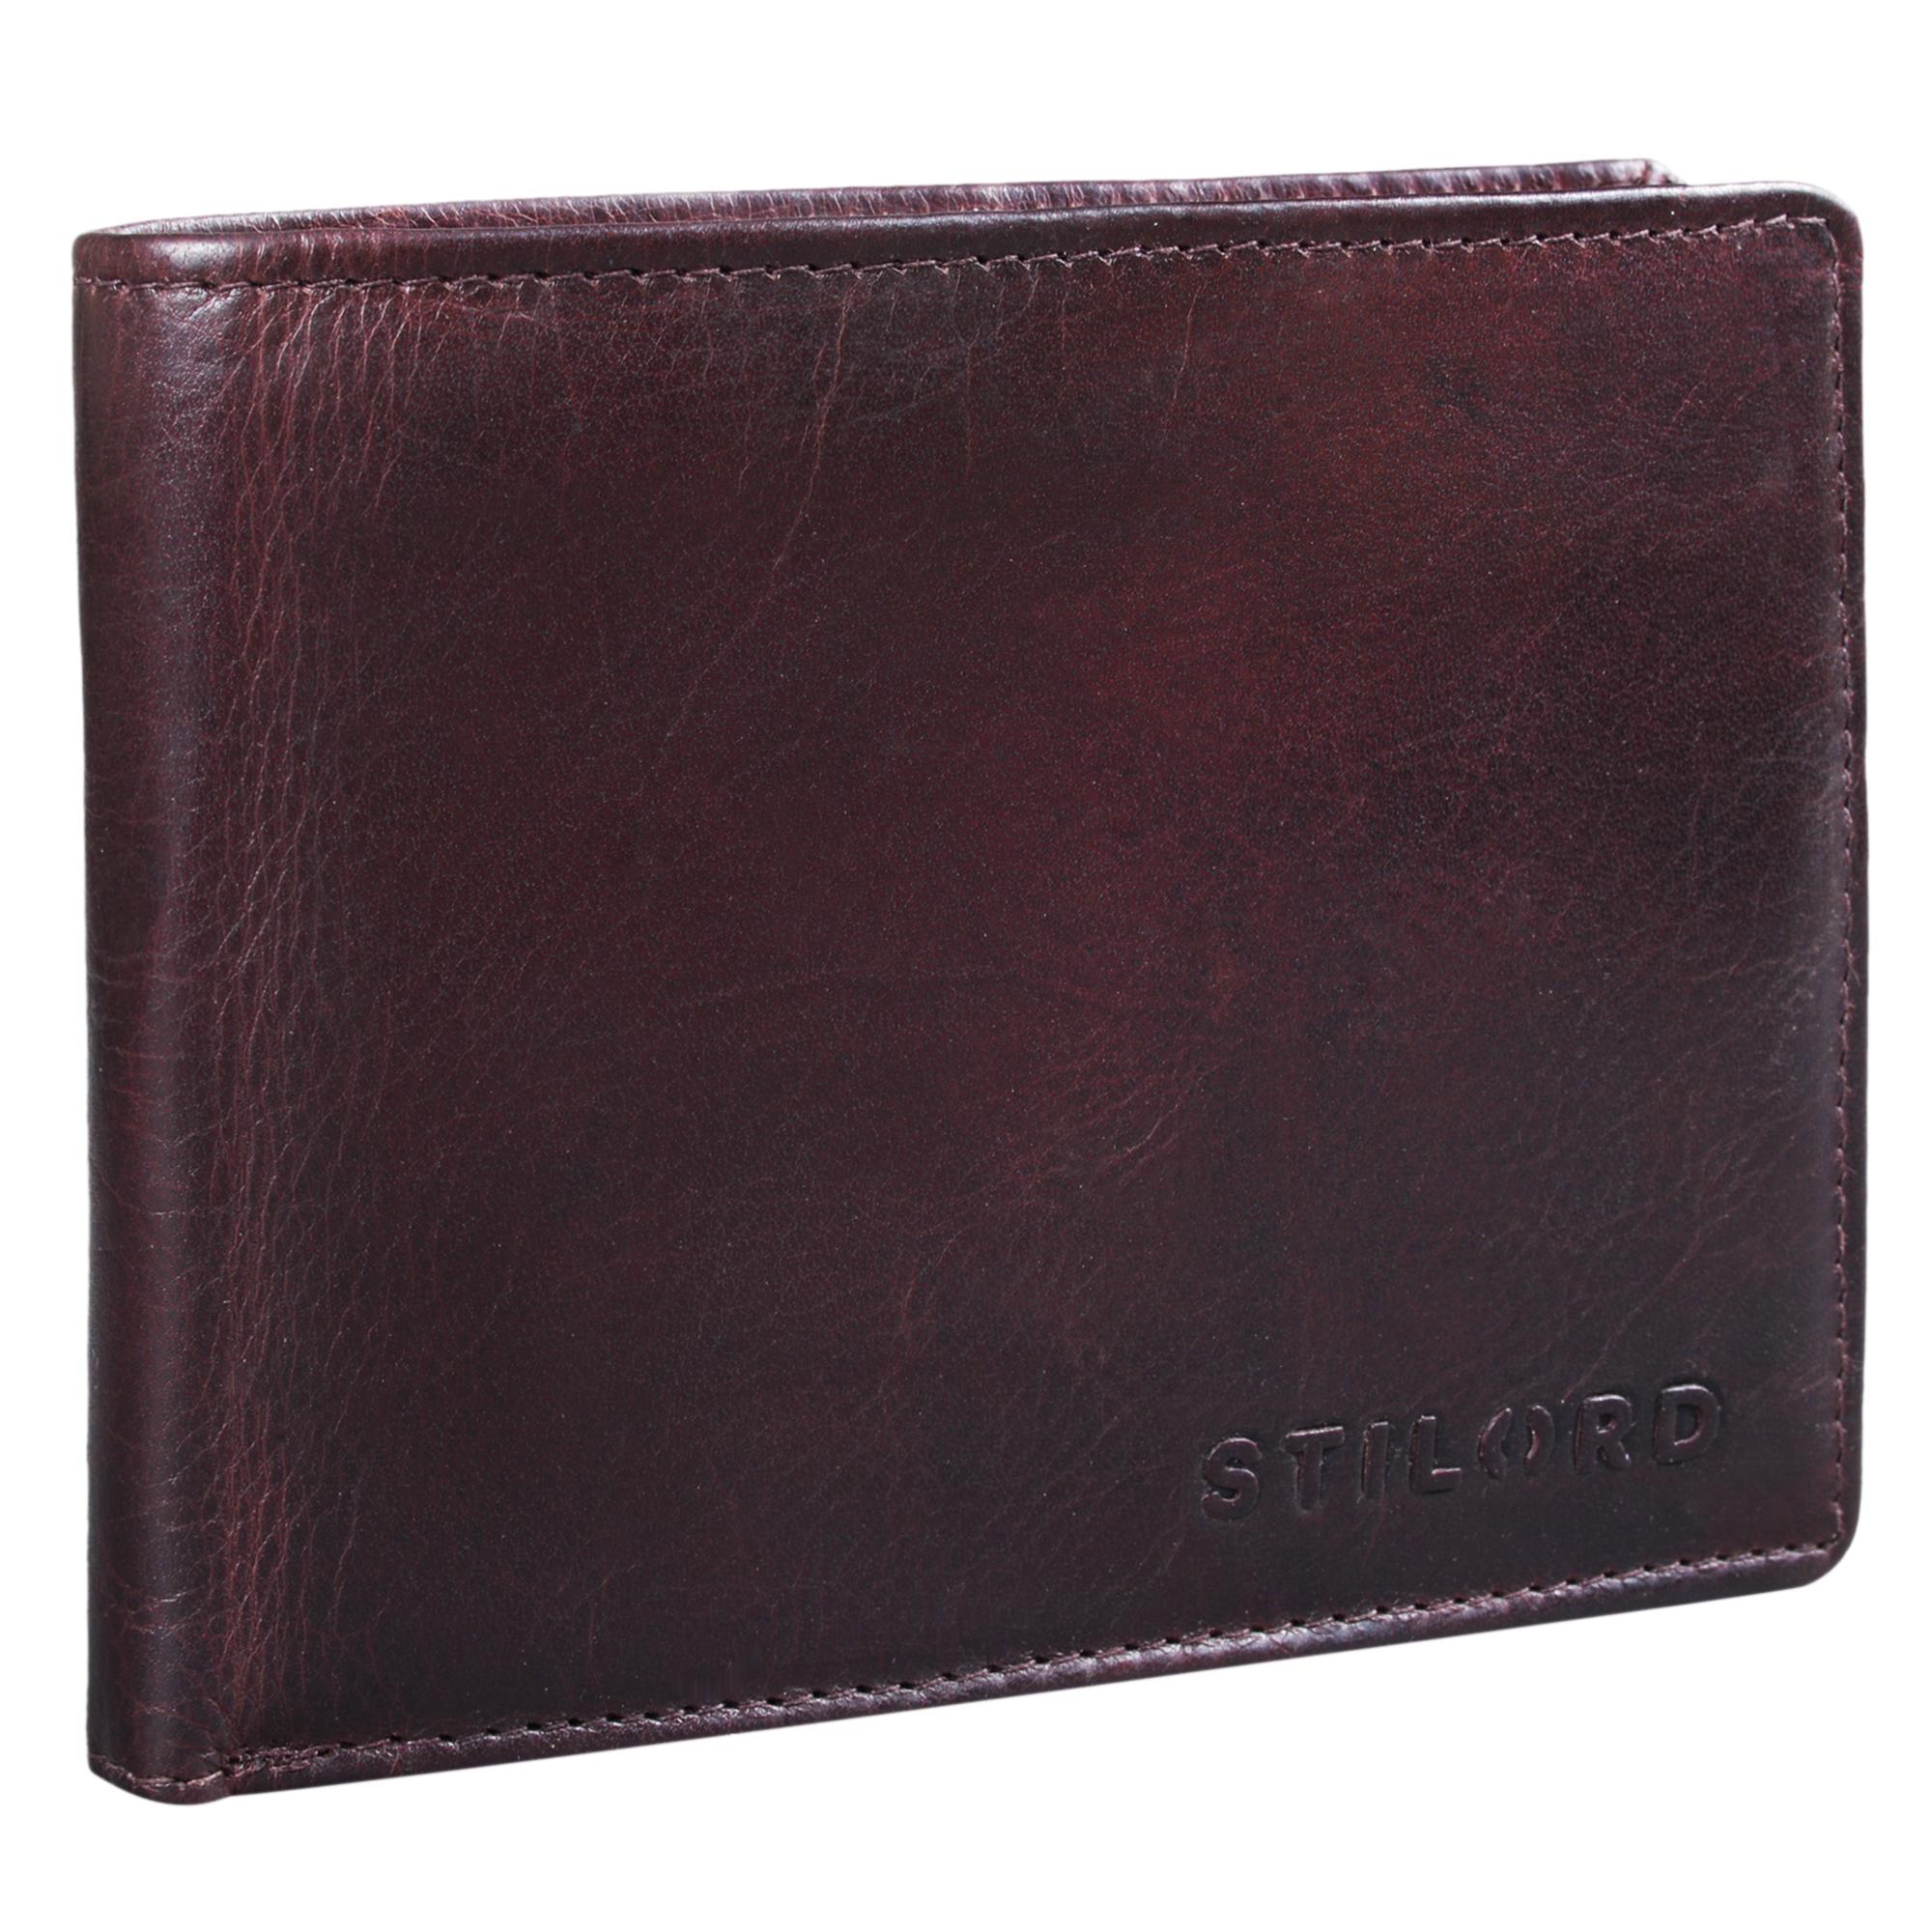 """STILORD """"Ethan"""" Vintage Leder Geldbörse Herren Portemonnaie Geldbeutel mit 7 EC Karten-Fächer Münzfach und Ausweisfach Brieftasche aus echtem Leder - Bild 8"""